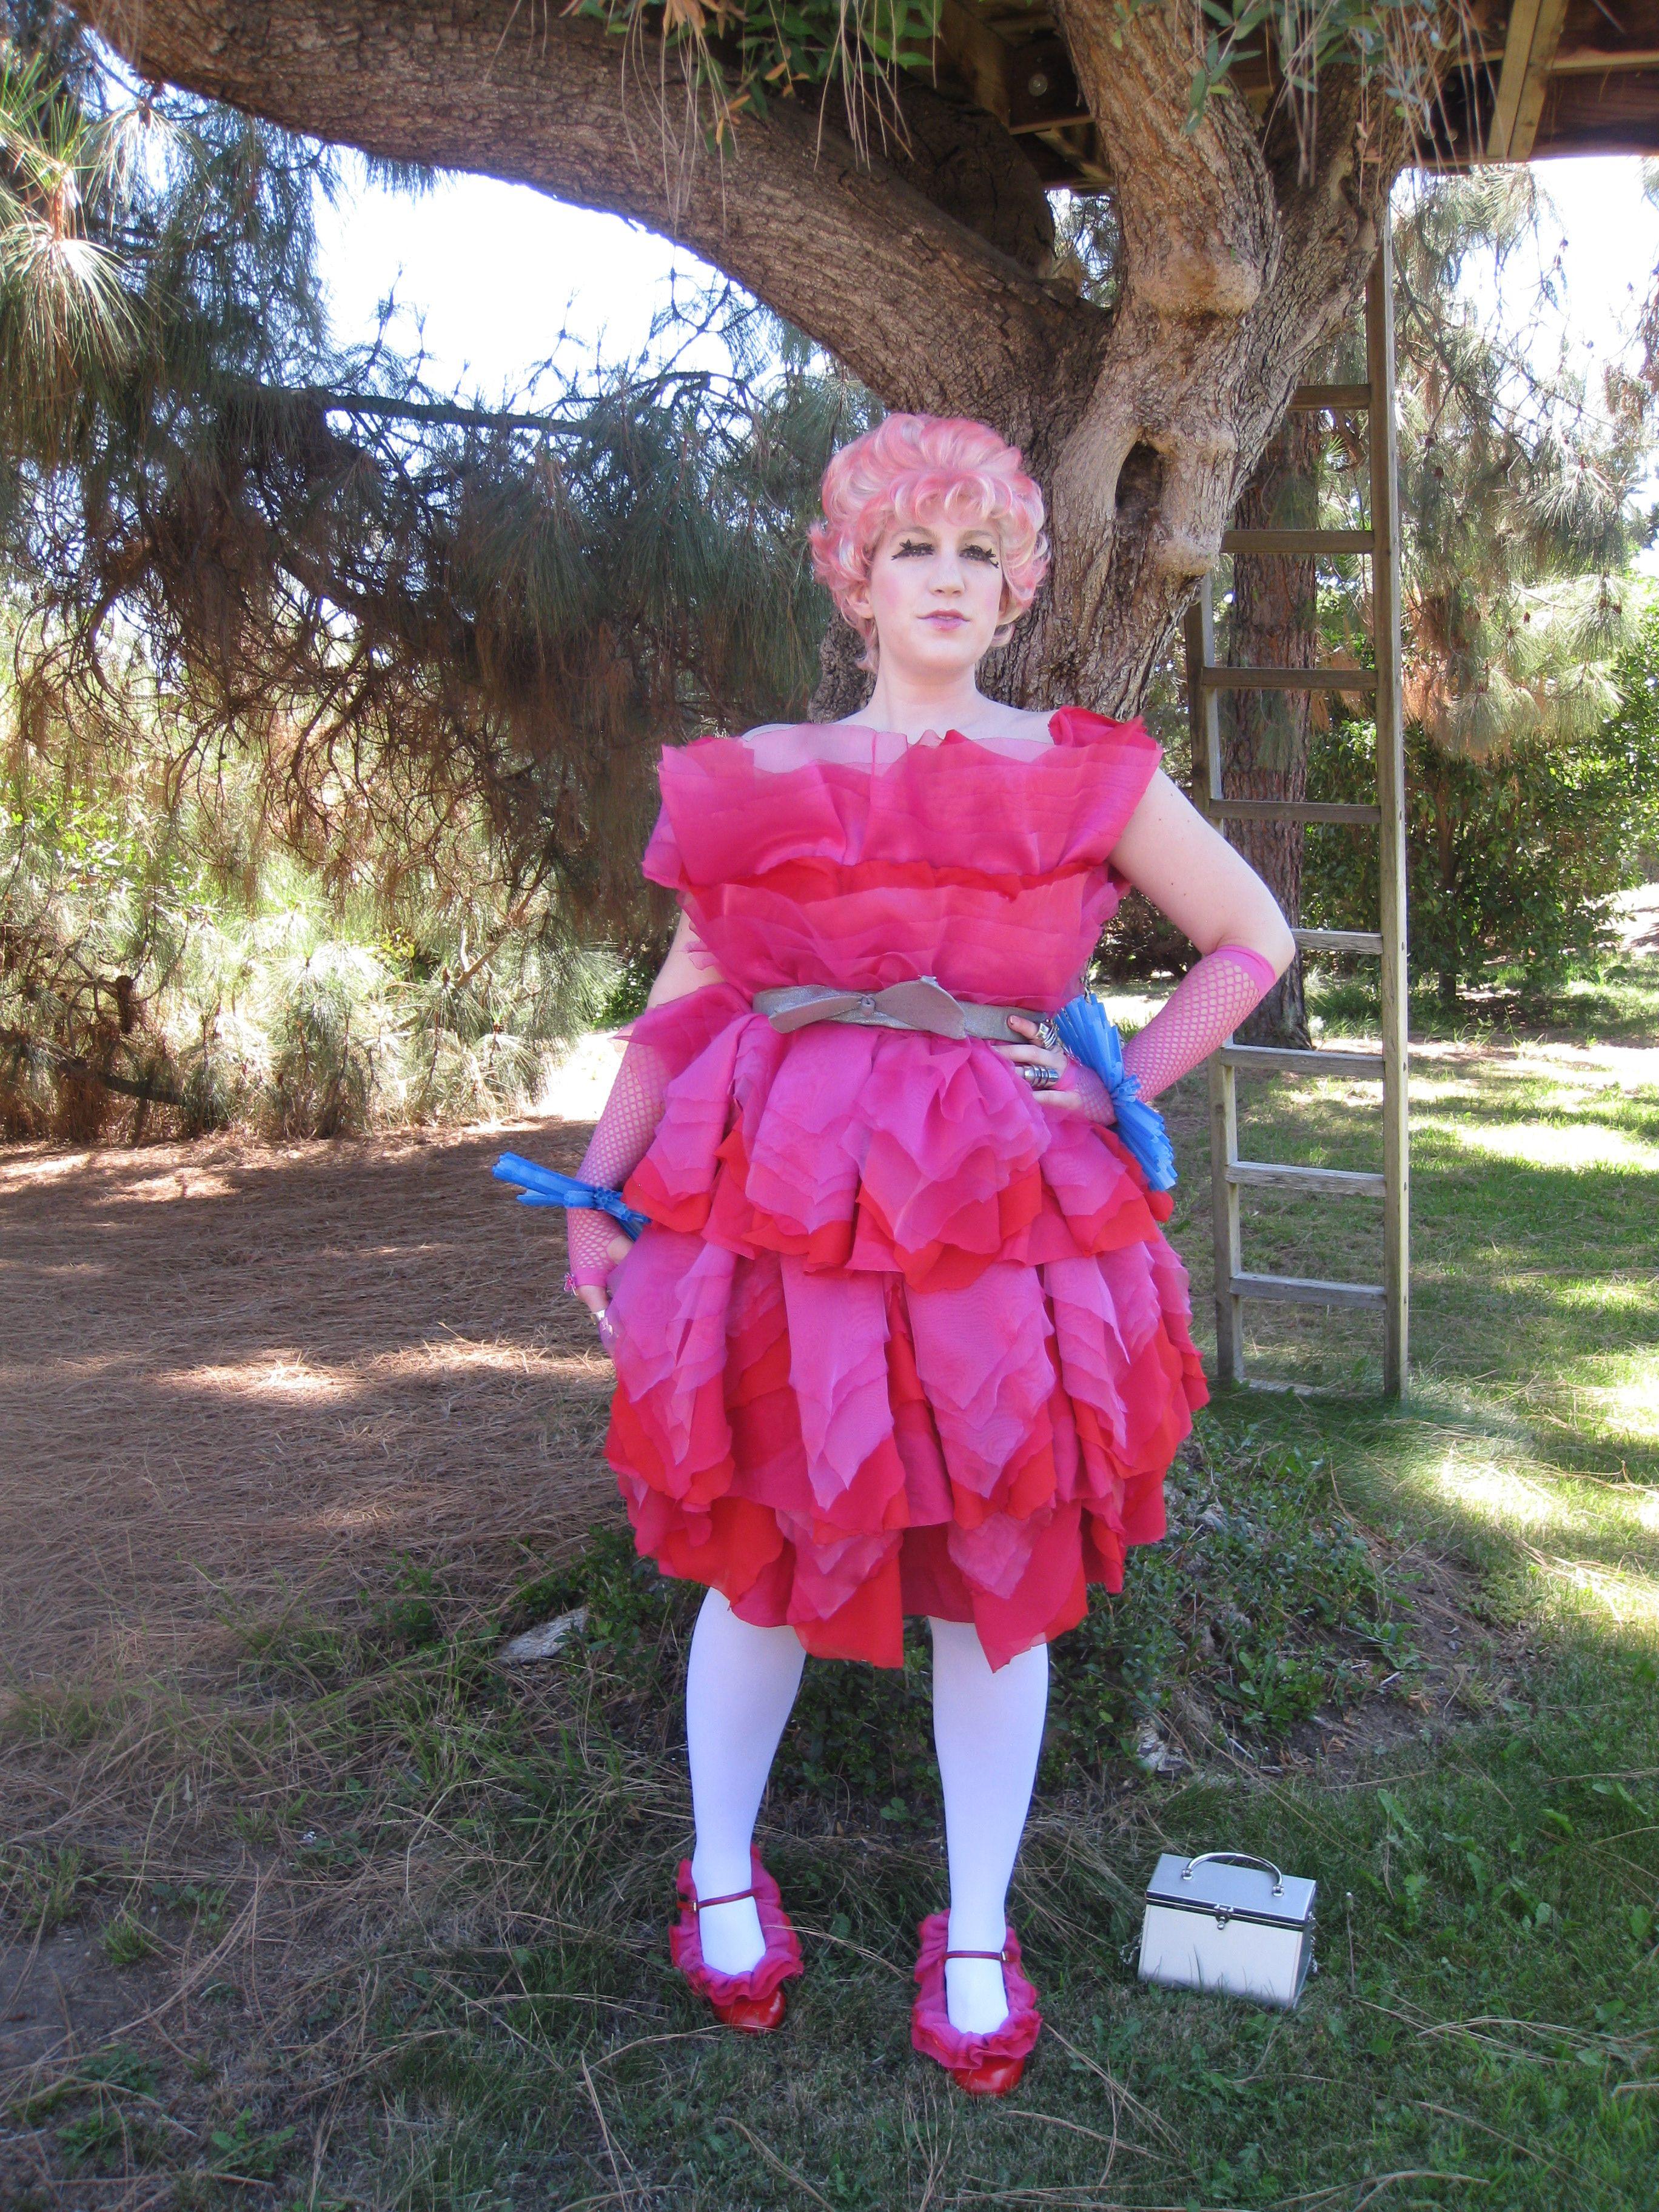 Effie Trinket Cosplay by Rebecca Ann Jordan